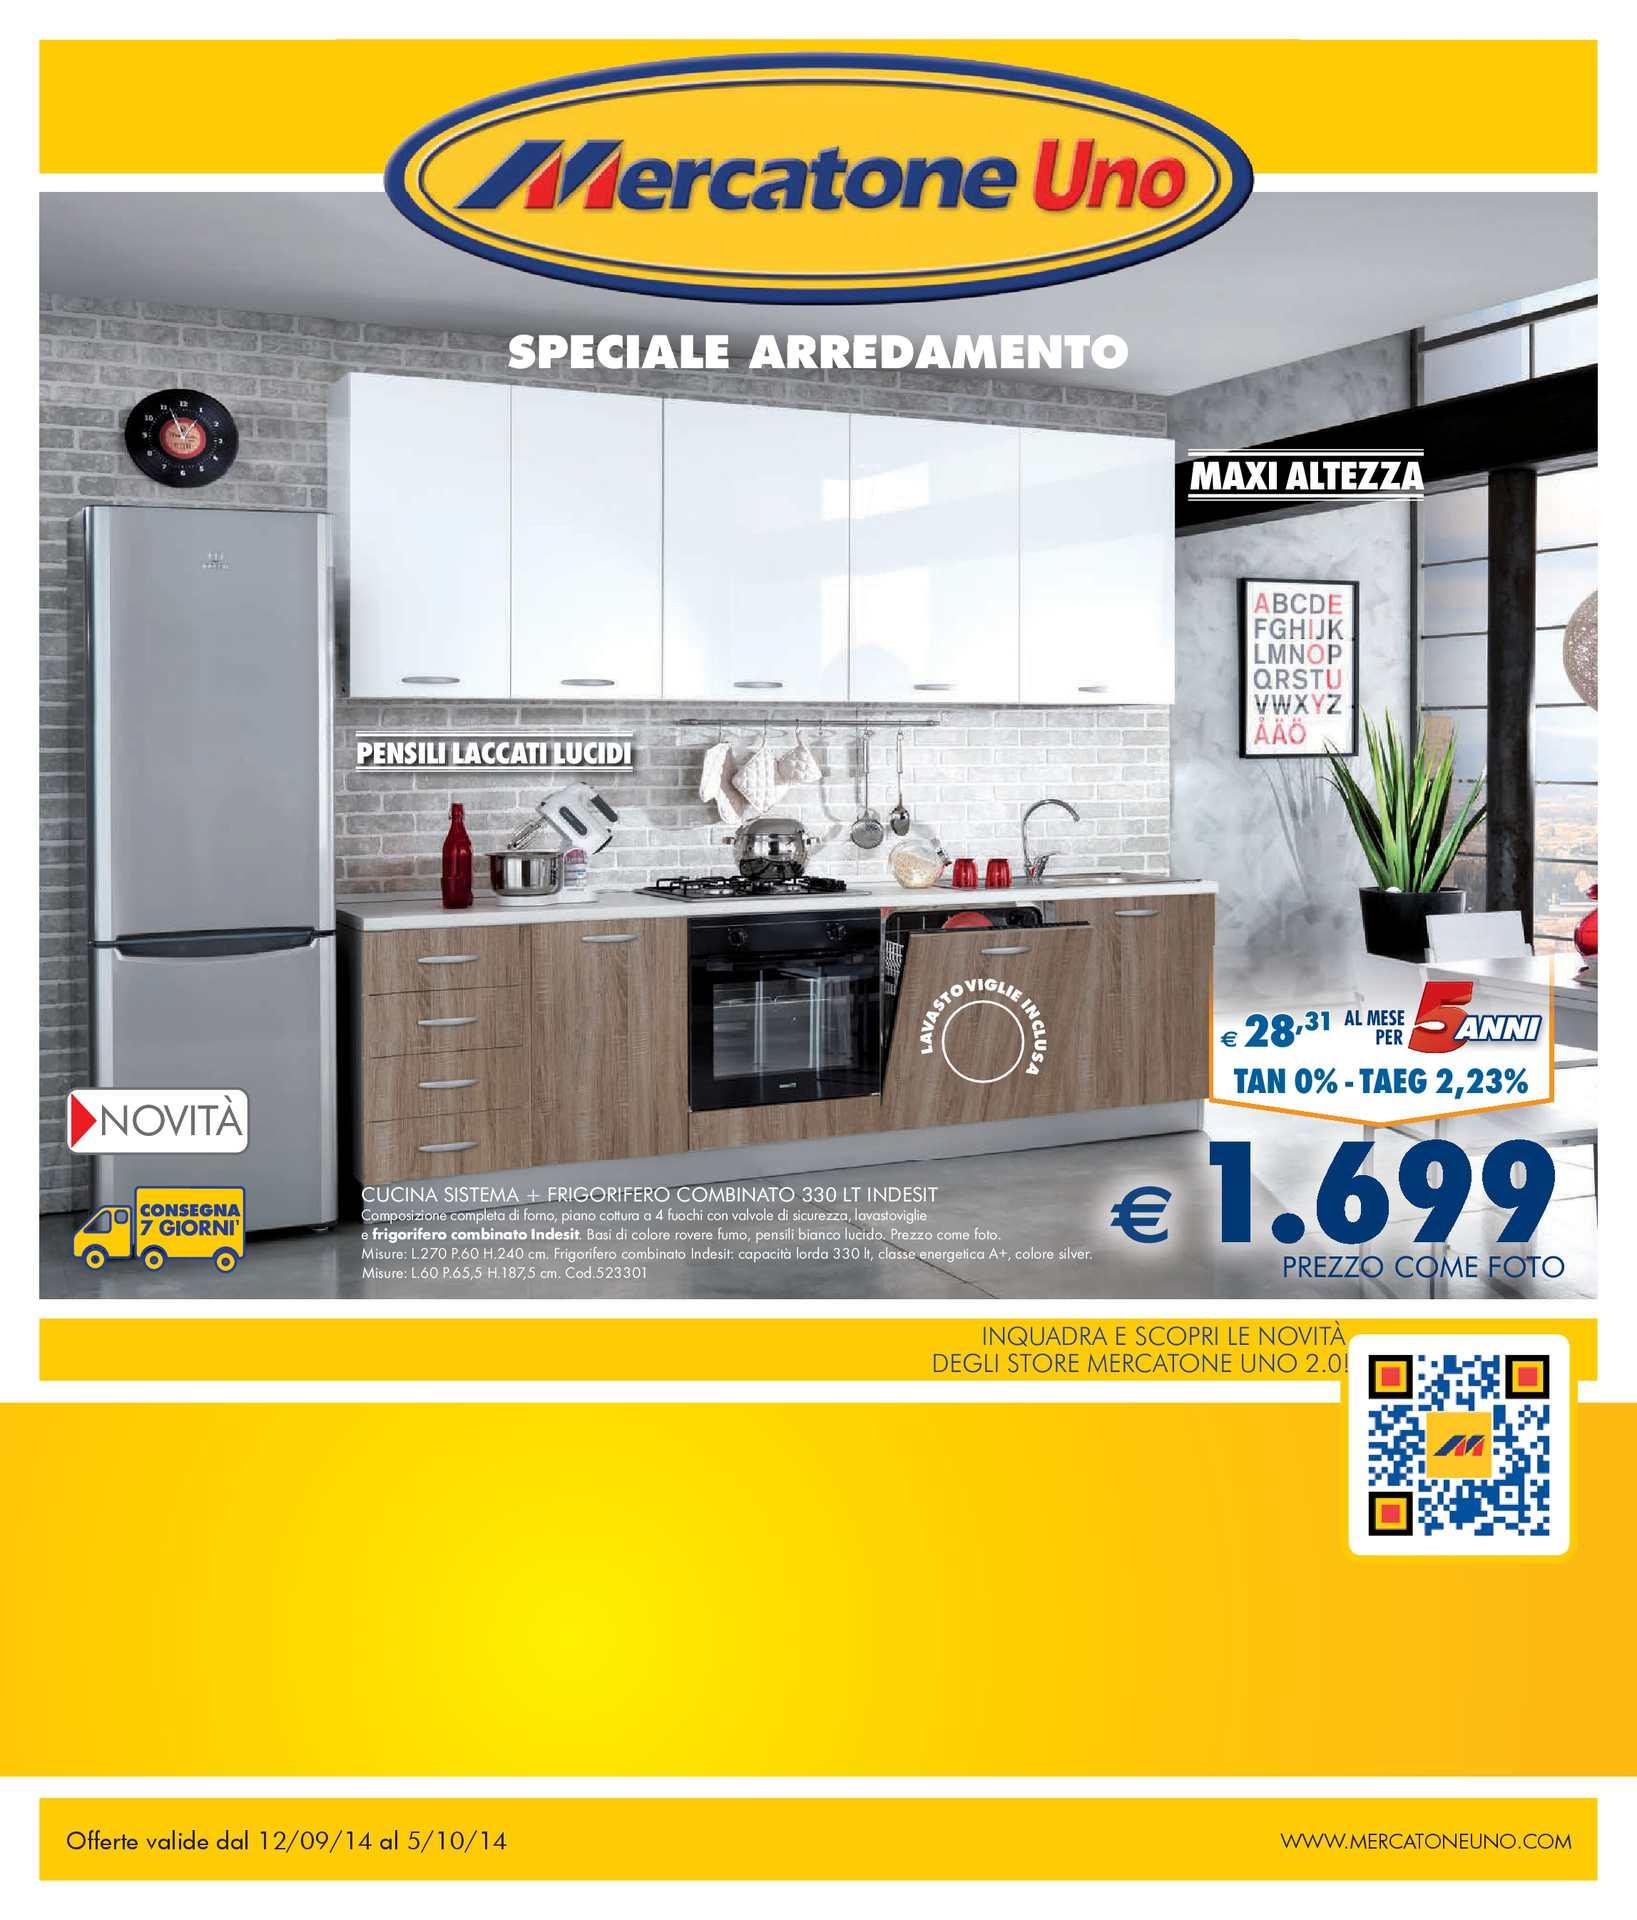 Armadio 2 Ante Mercatone Uno.Calameo Volantino Mercatone Uno Dal 12 Settembre Al 5 Ottobre 2014